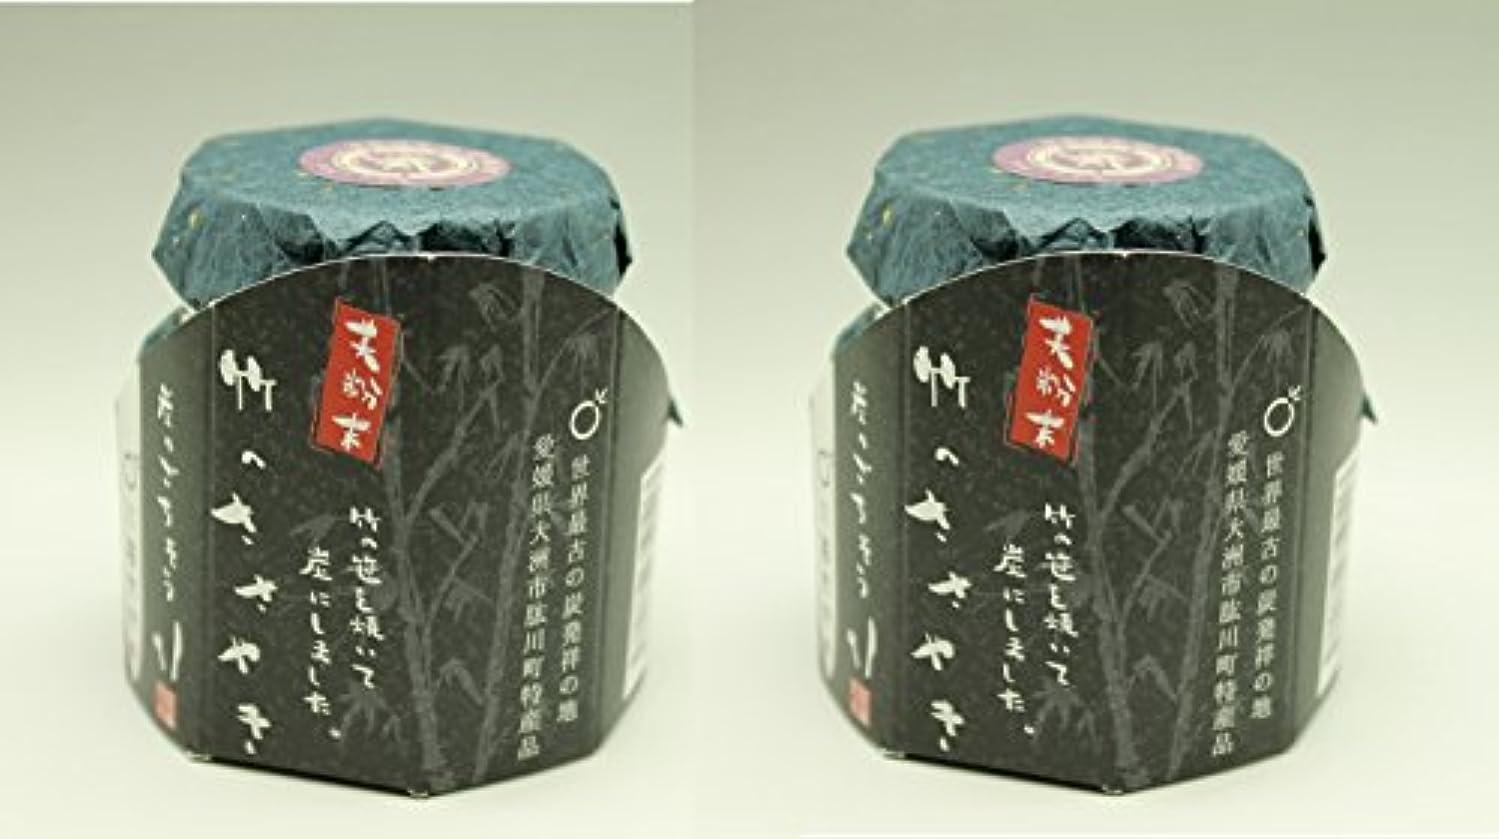 半径アルミニウムピザクマちゃんの炭 竹のささやき(笹焼き)×2個セット